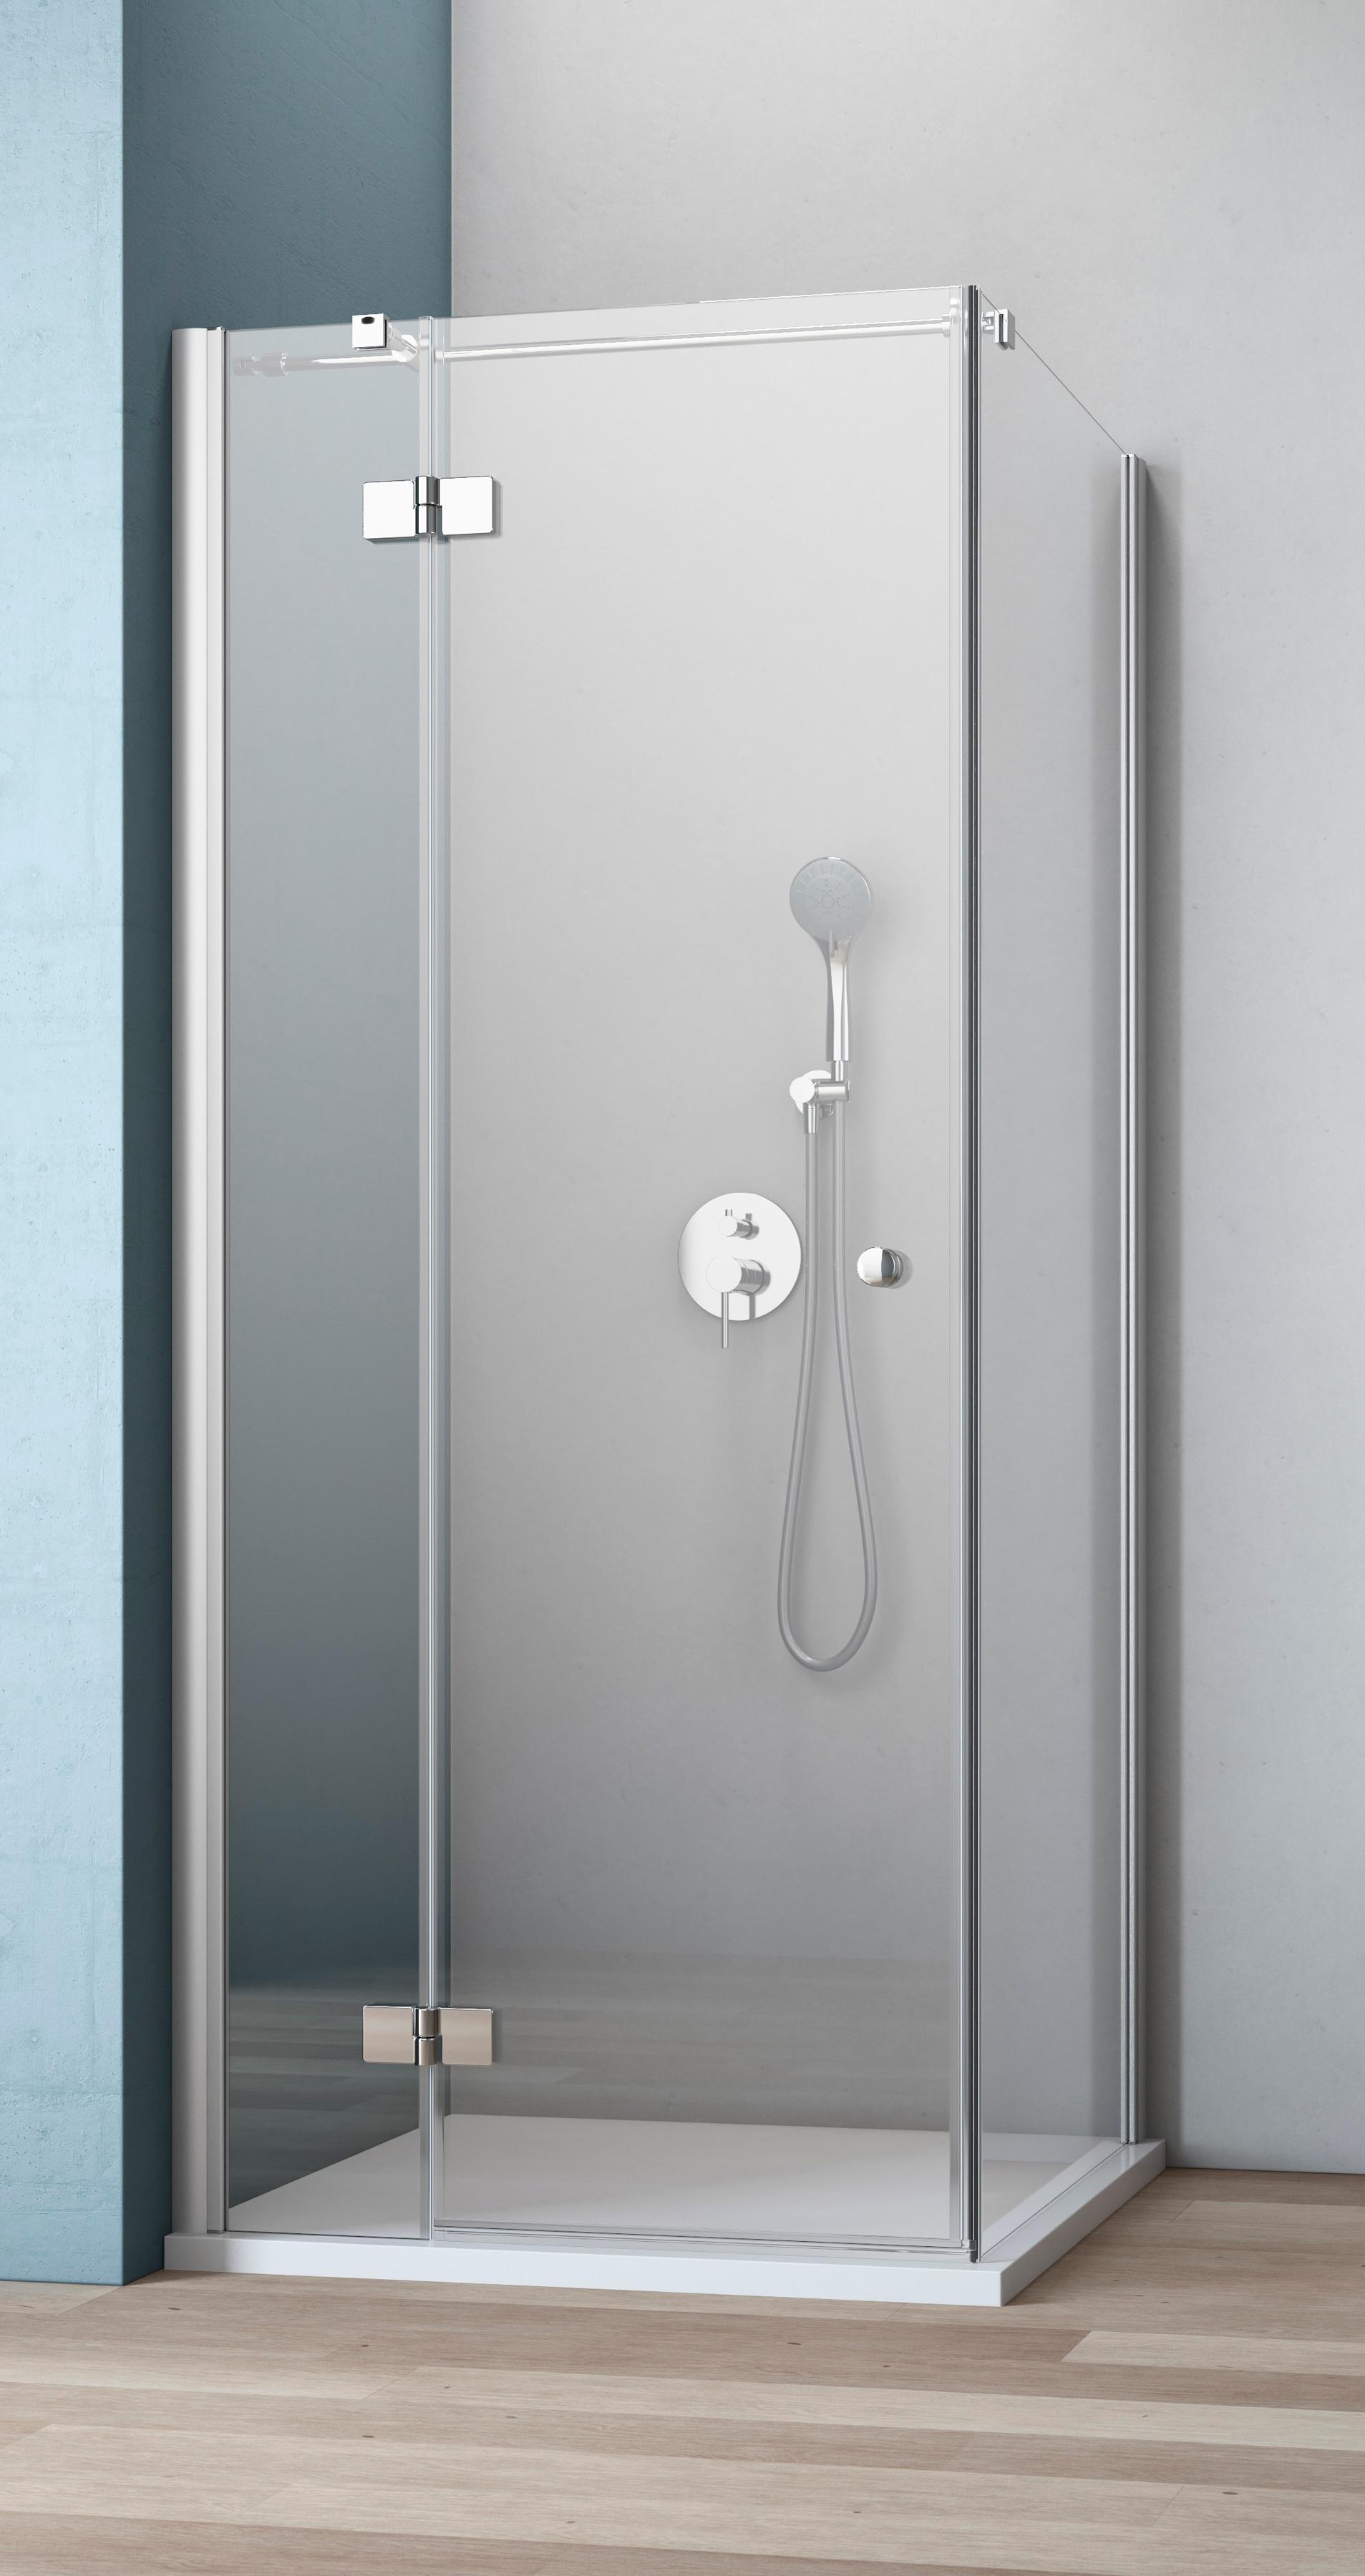 MAW Eckdusche »AF300«, 120 x 80 cm | Bad > Duschen > Duschen | Silberfarben | MAW